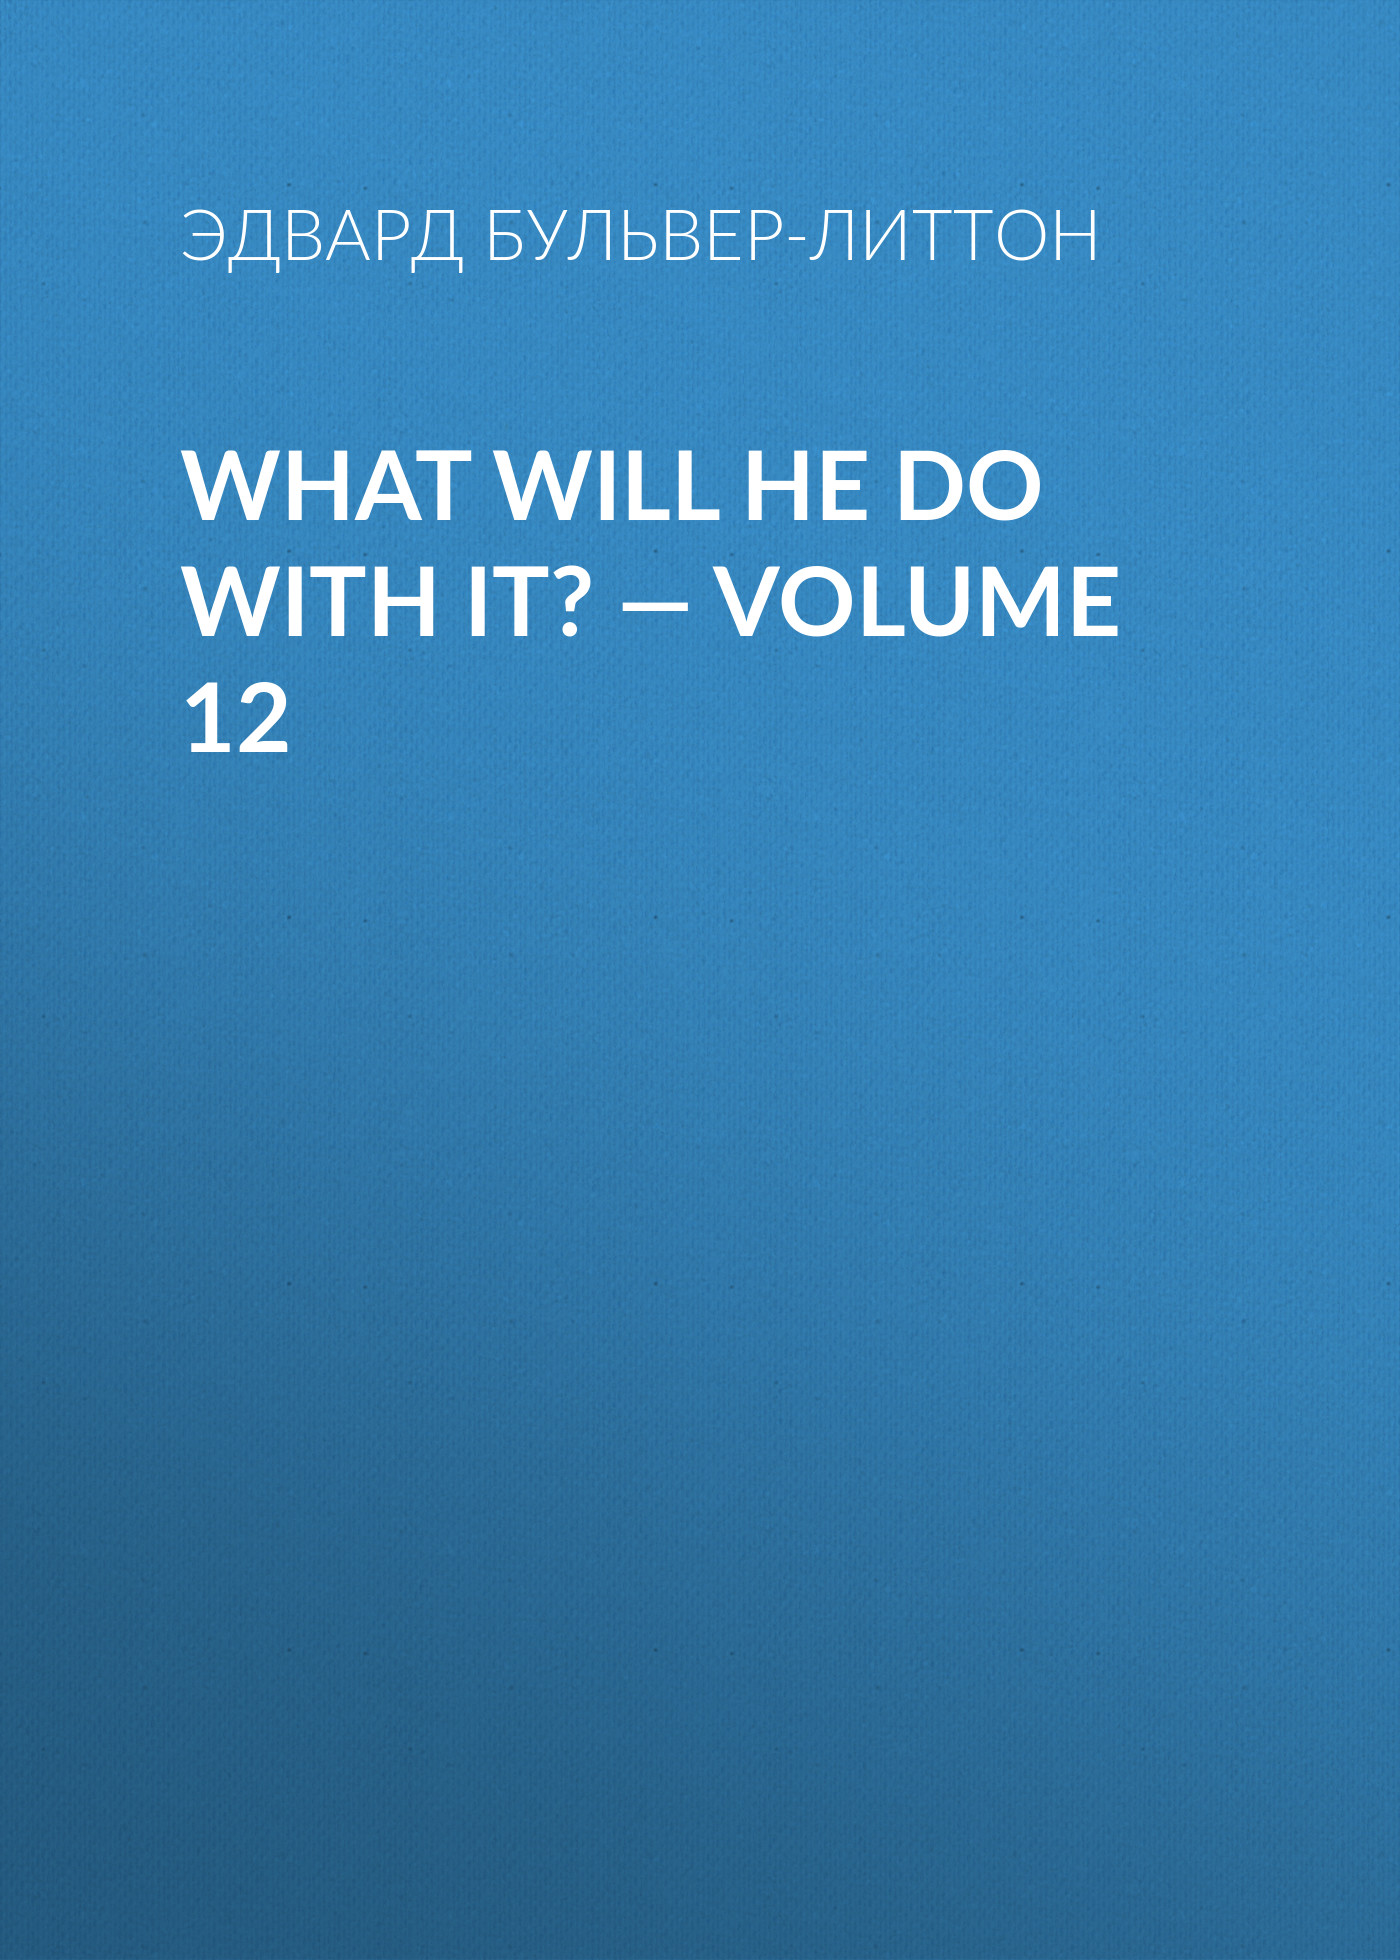 What Will He Do with It? — Volume 12 ( Эдвард Бульвер-Литтон  )